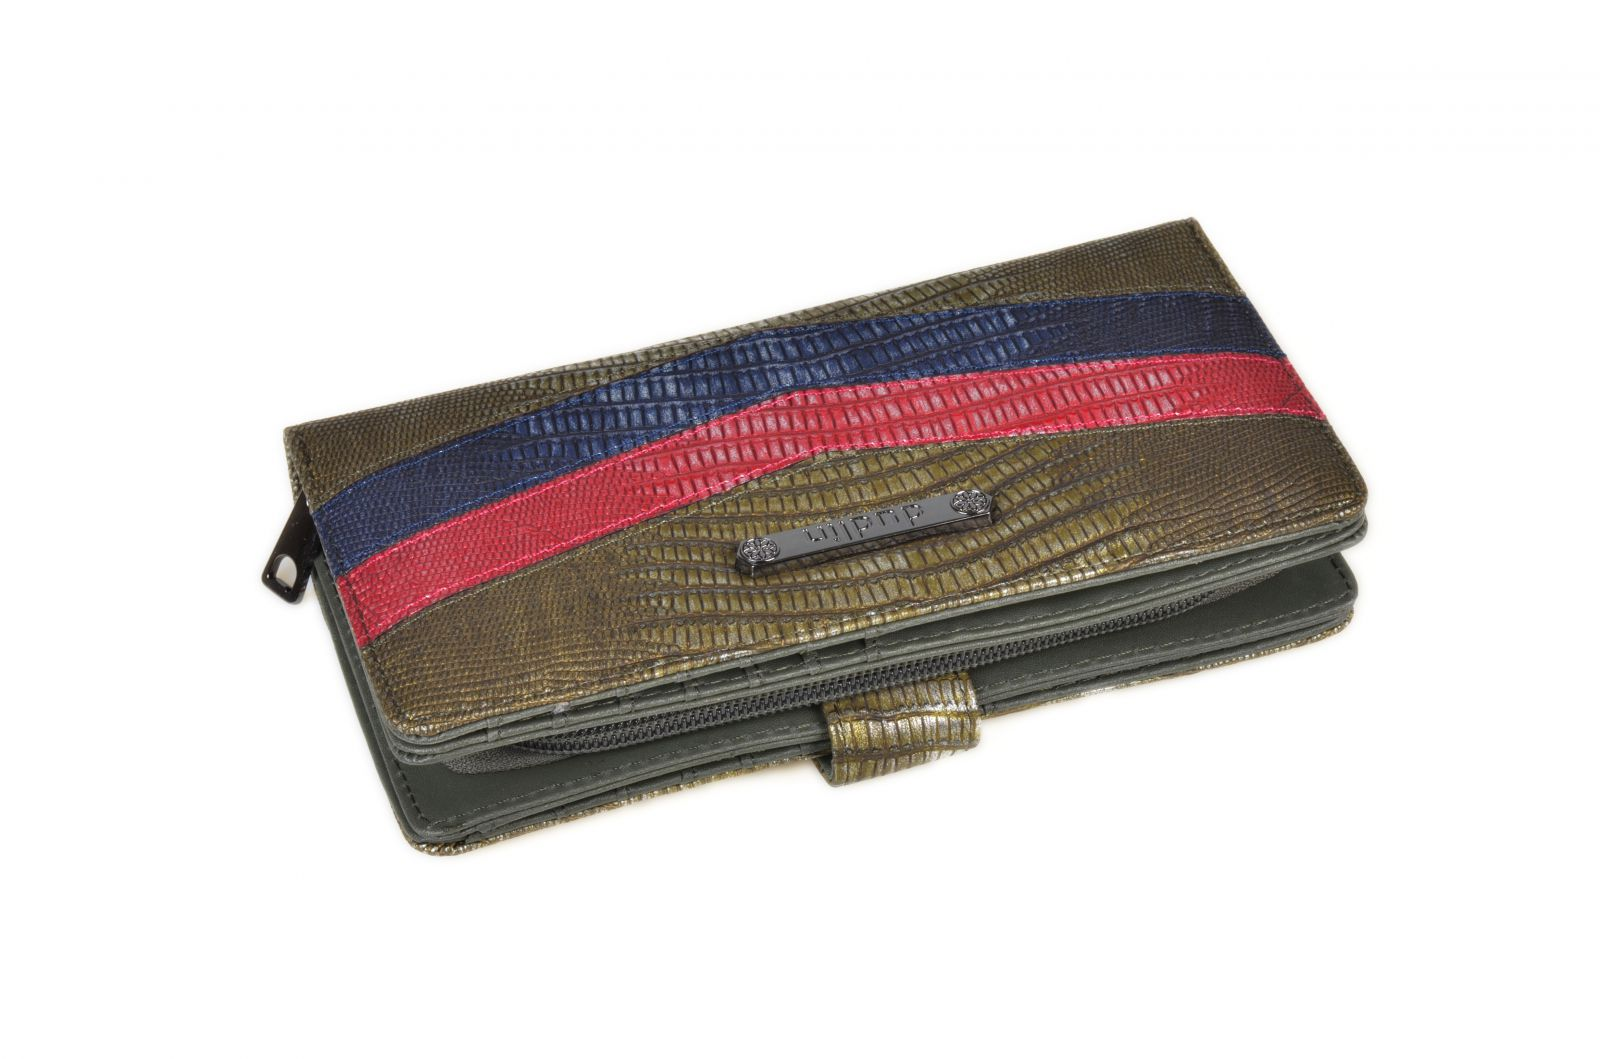 Dámská peněženka Dudlin v krabičce M286 green